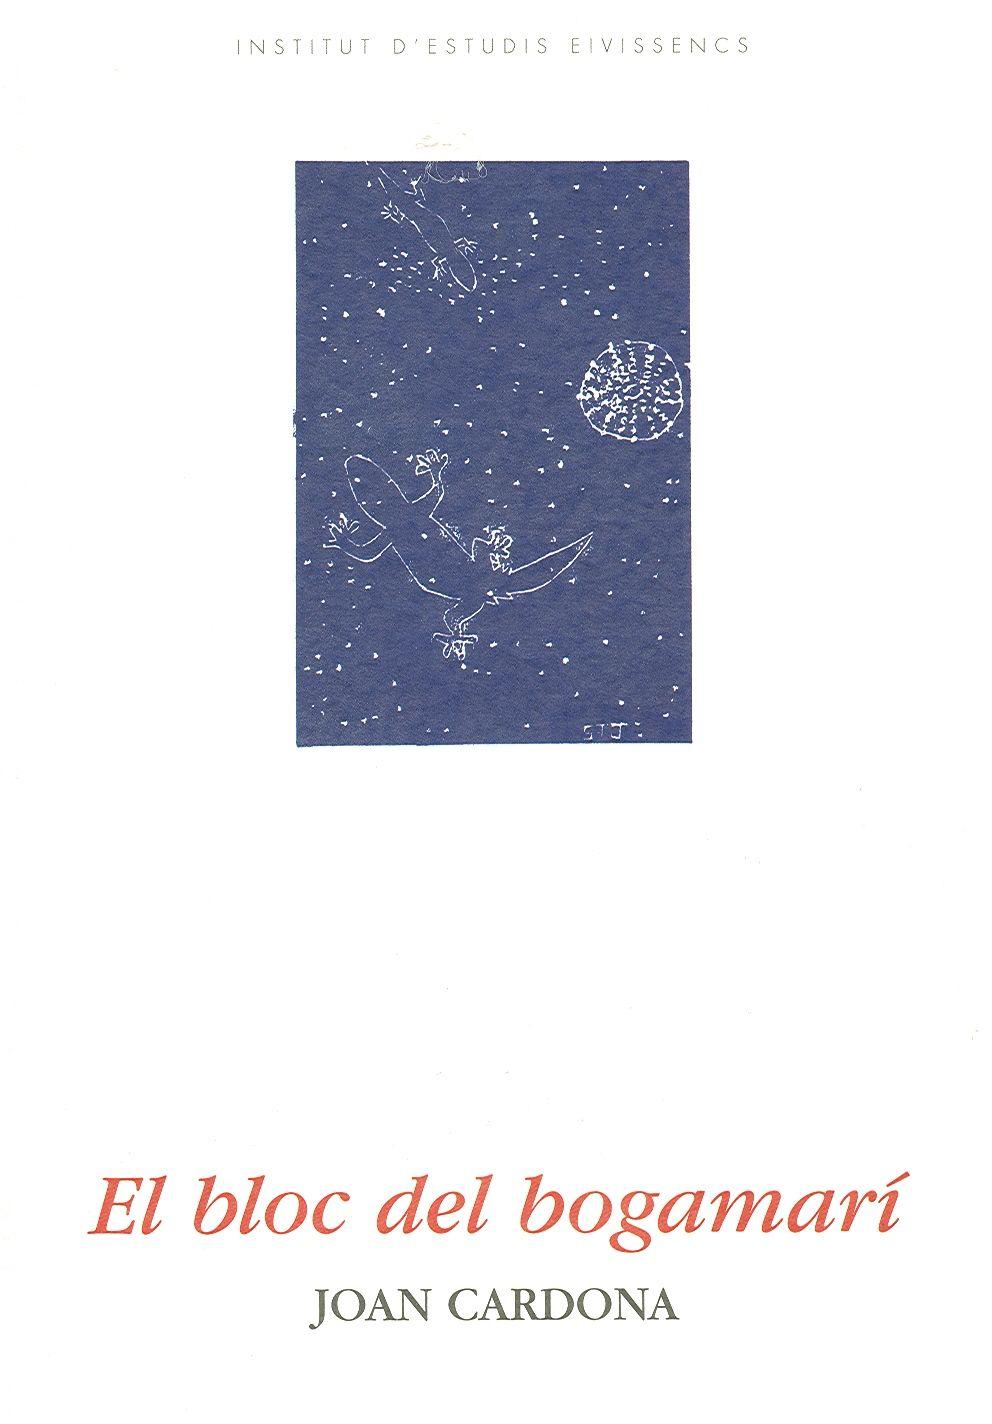 El bloc del bogamarí